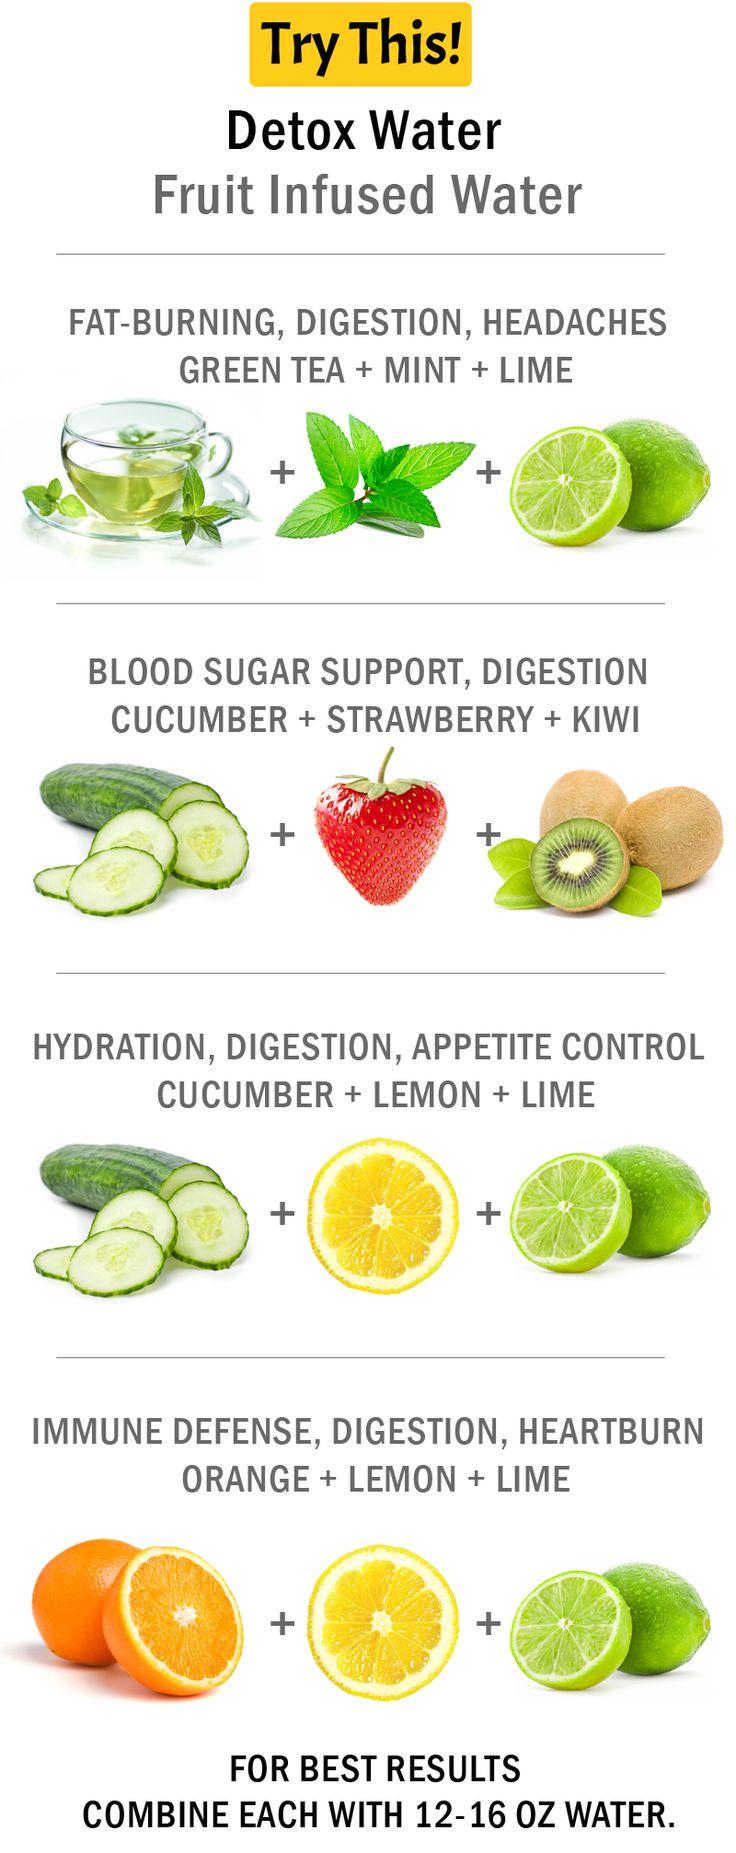 Detox Water: Fruit Infused Water (detox waters)